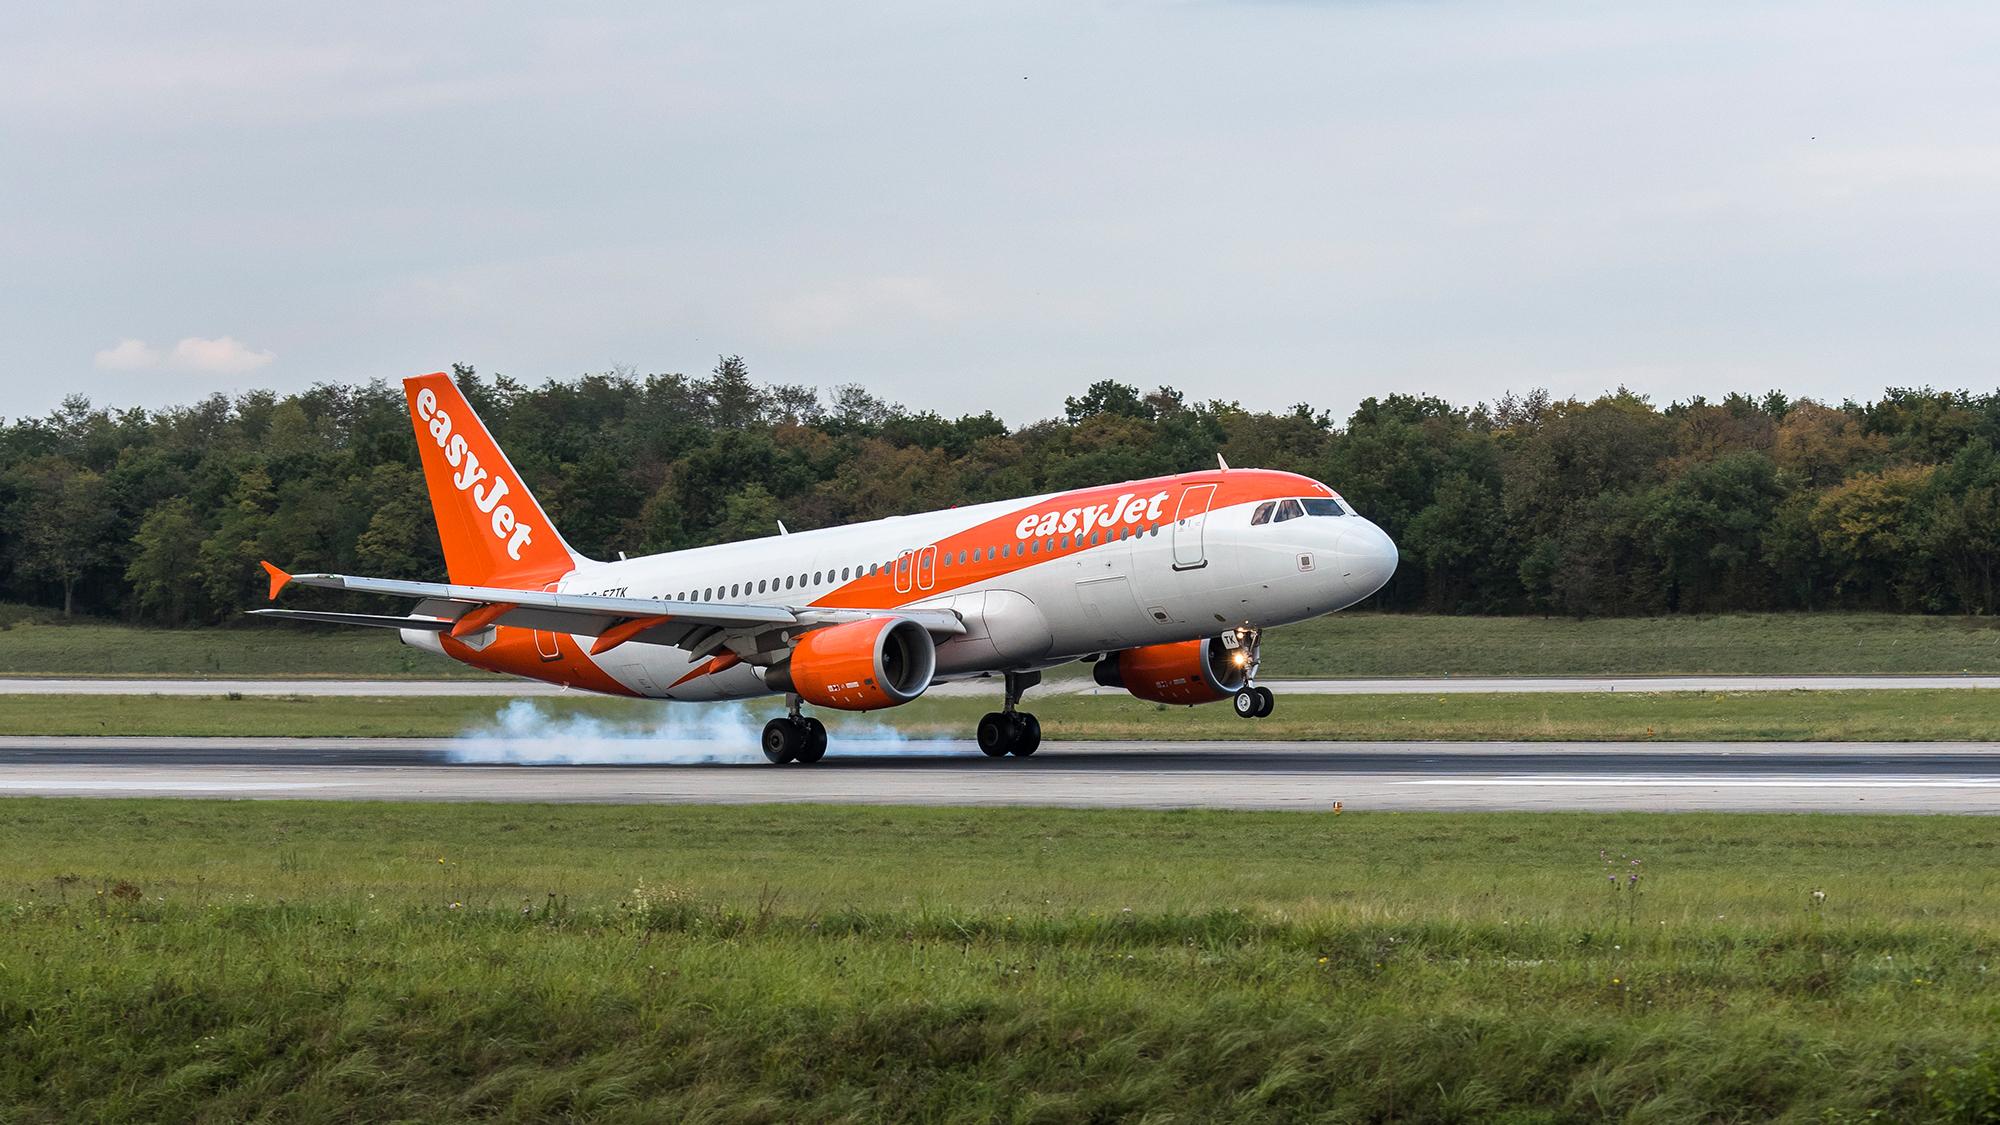 Die orangefarbenen Flieger starten und landen am EuroAirport zeitweise im 5-Minuten-Takt. In Zukunft könnte es noch häufige